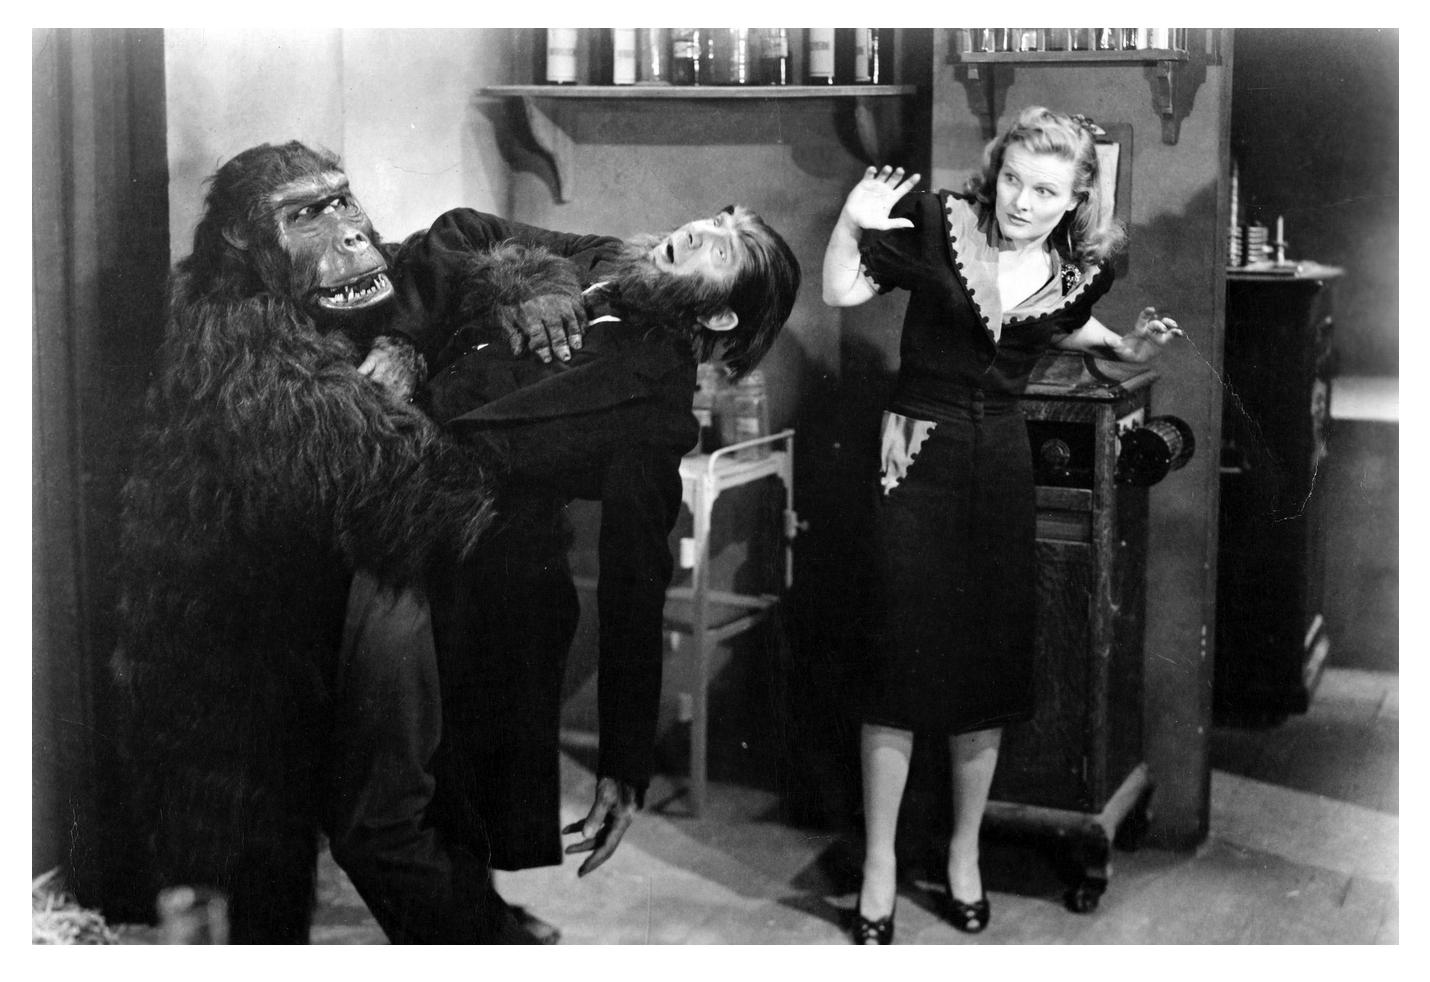 The Ape Man Still 12